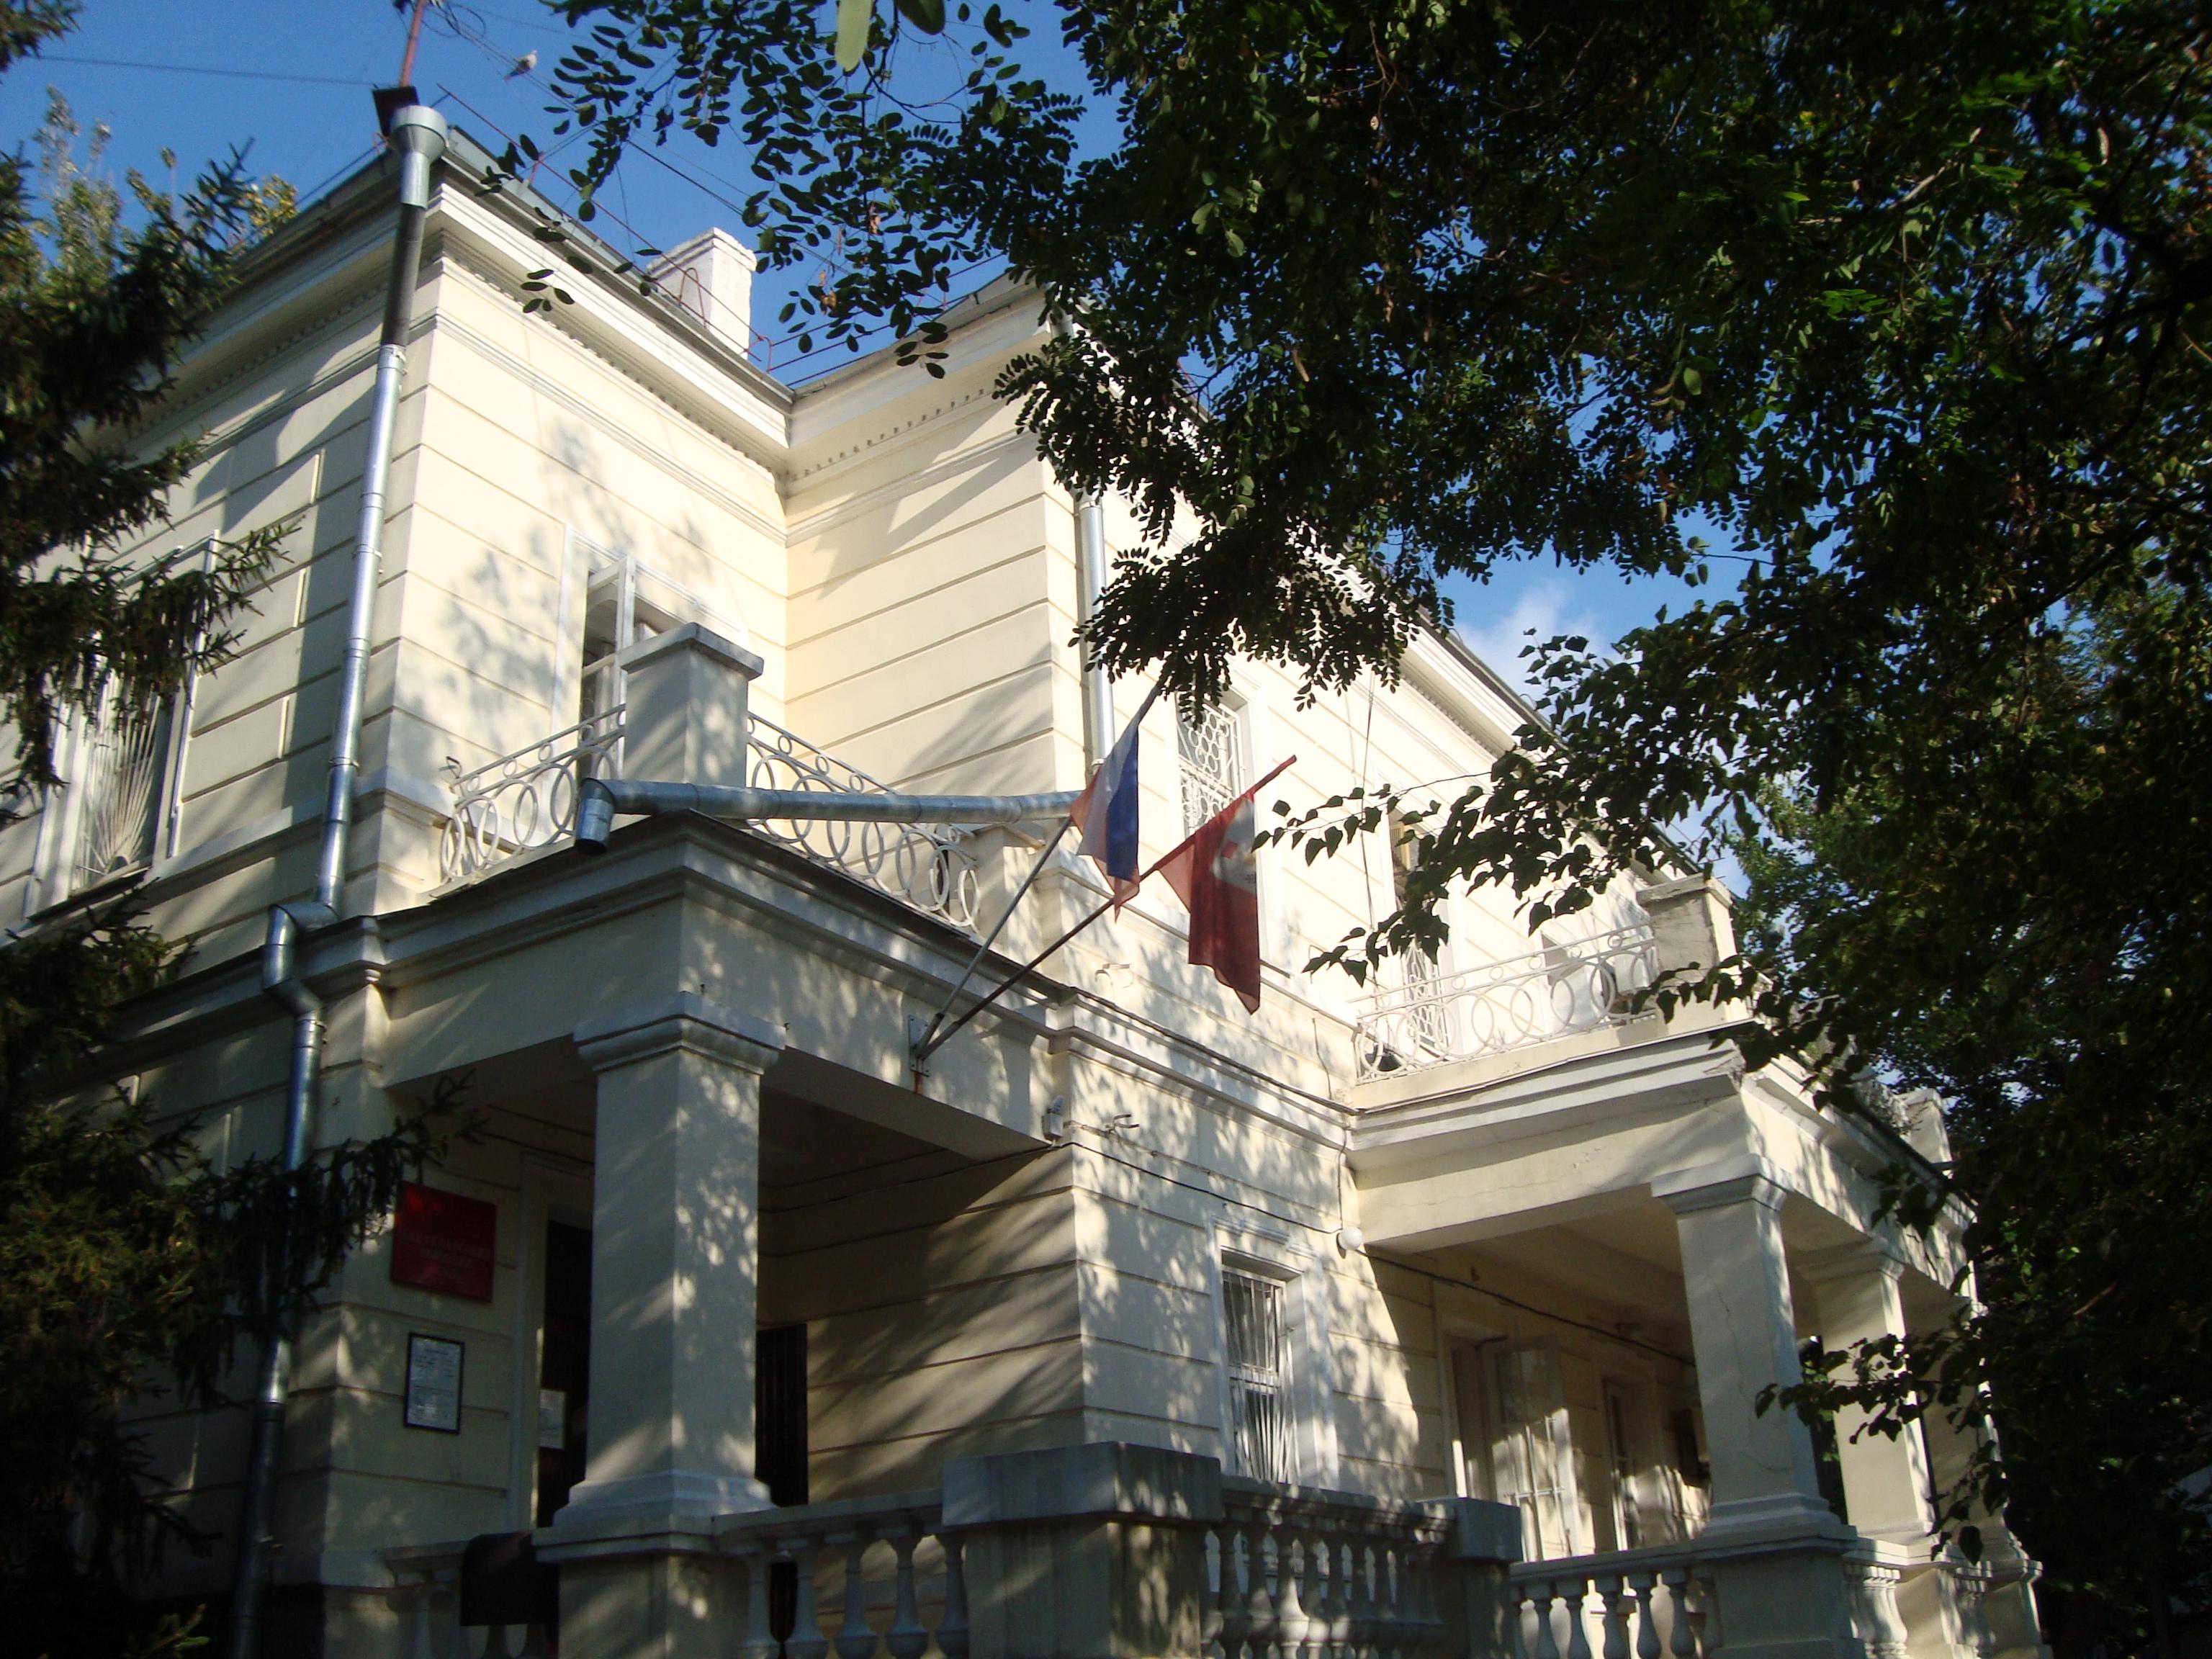 Нахимовский суд севастополя официальный сайт портал правительства севастополя официальный сайт